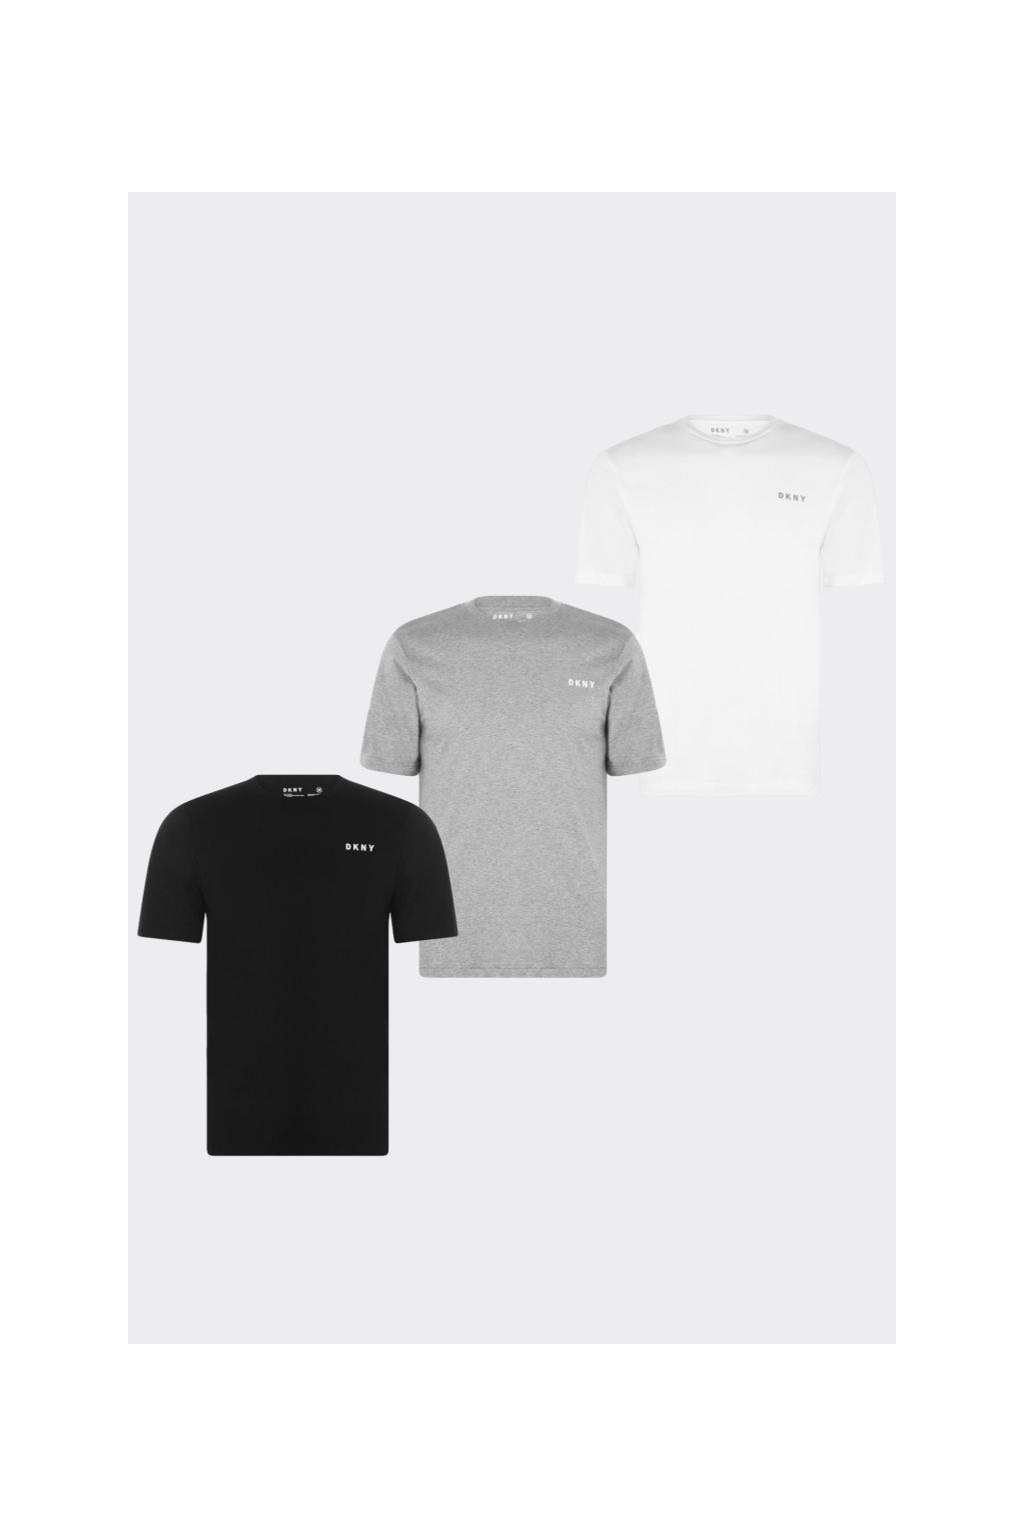 DKNY 3-balení triček - bílá, černá, šedá